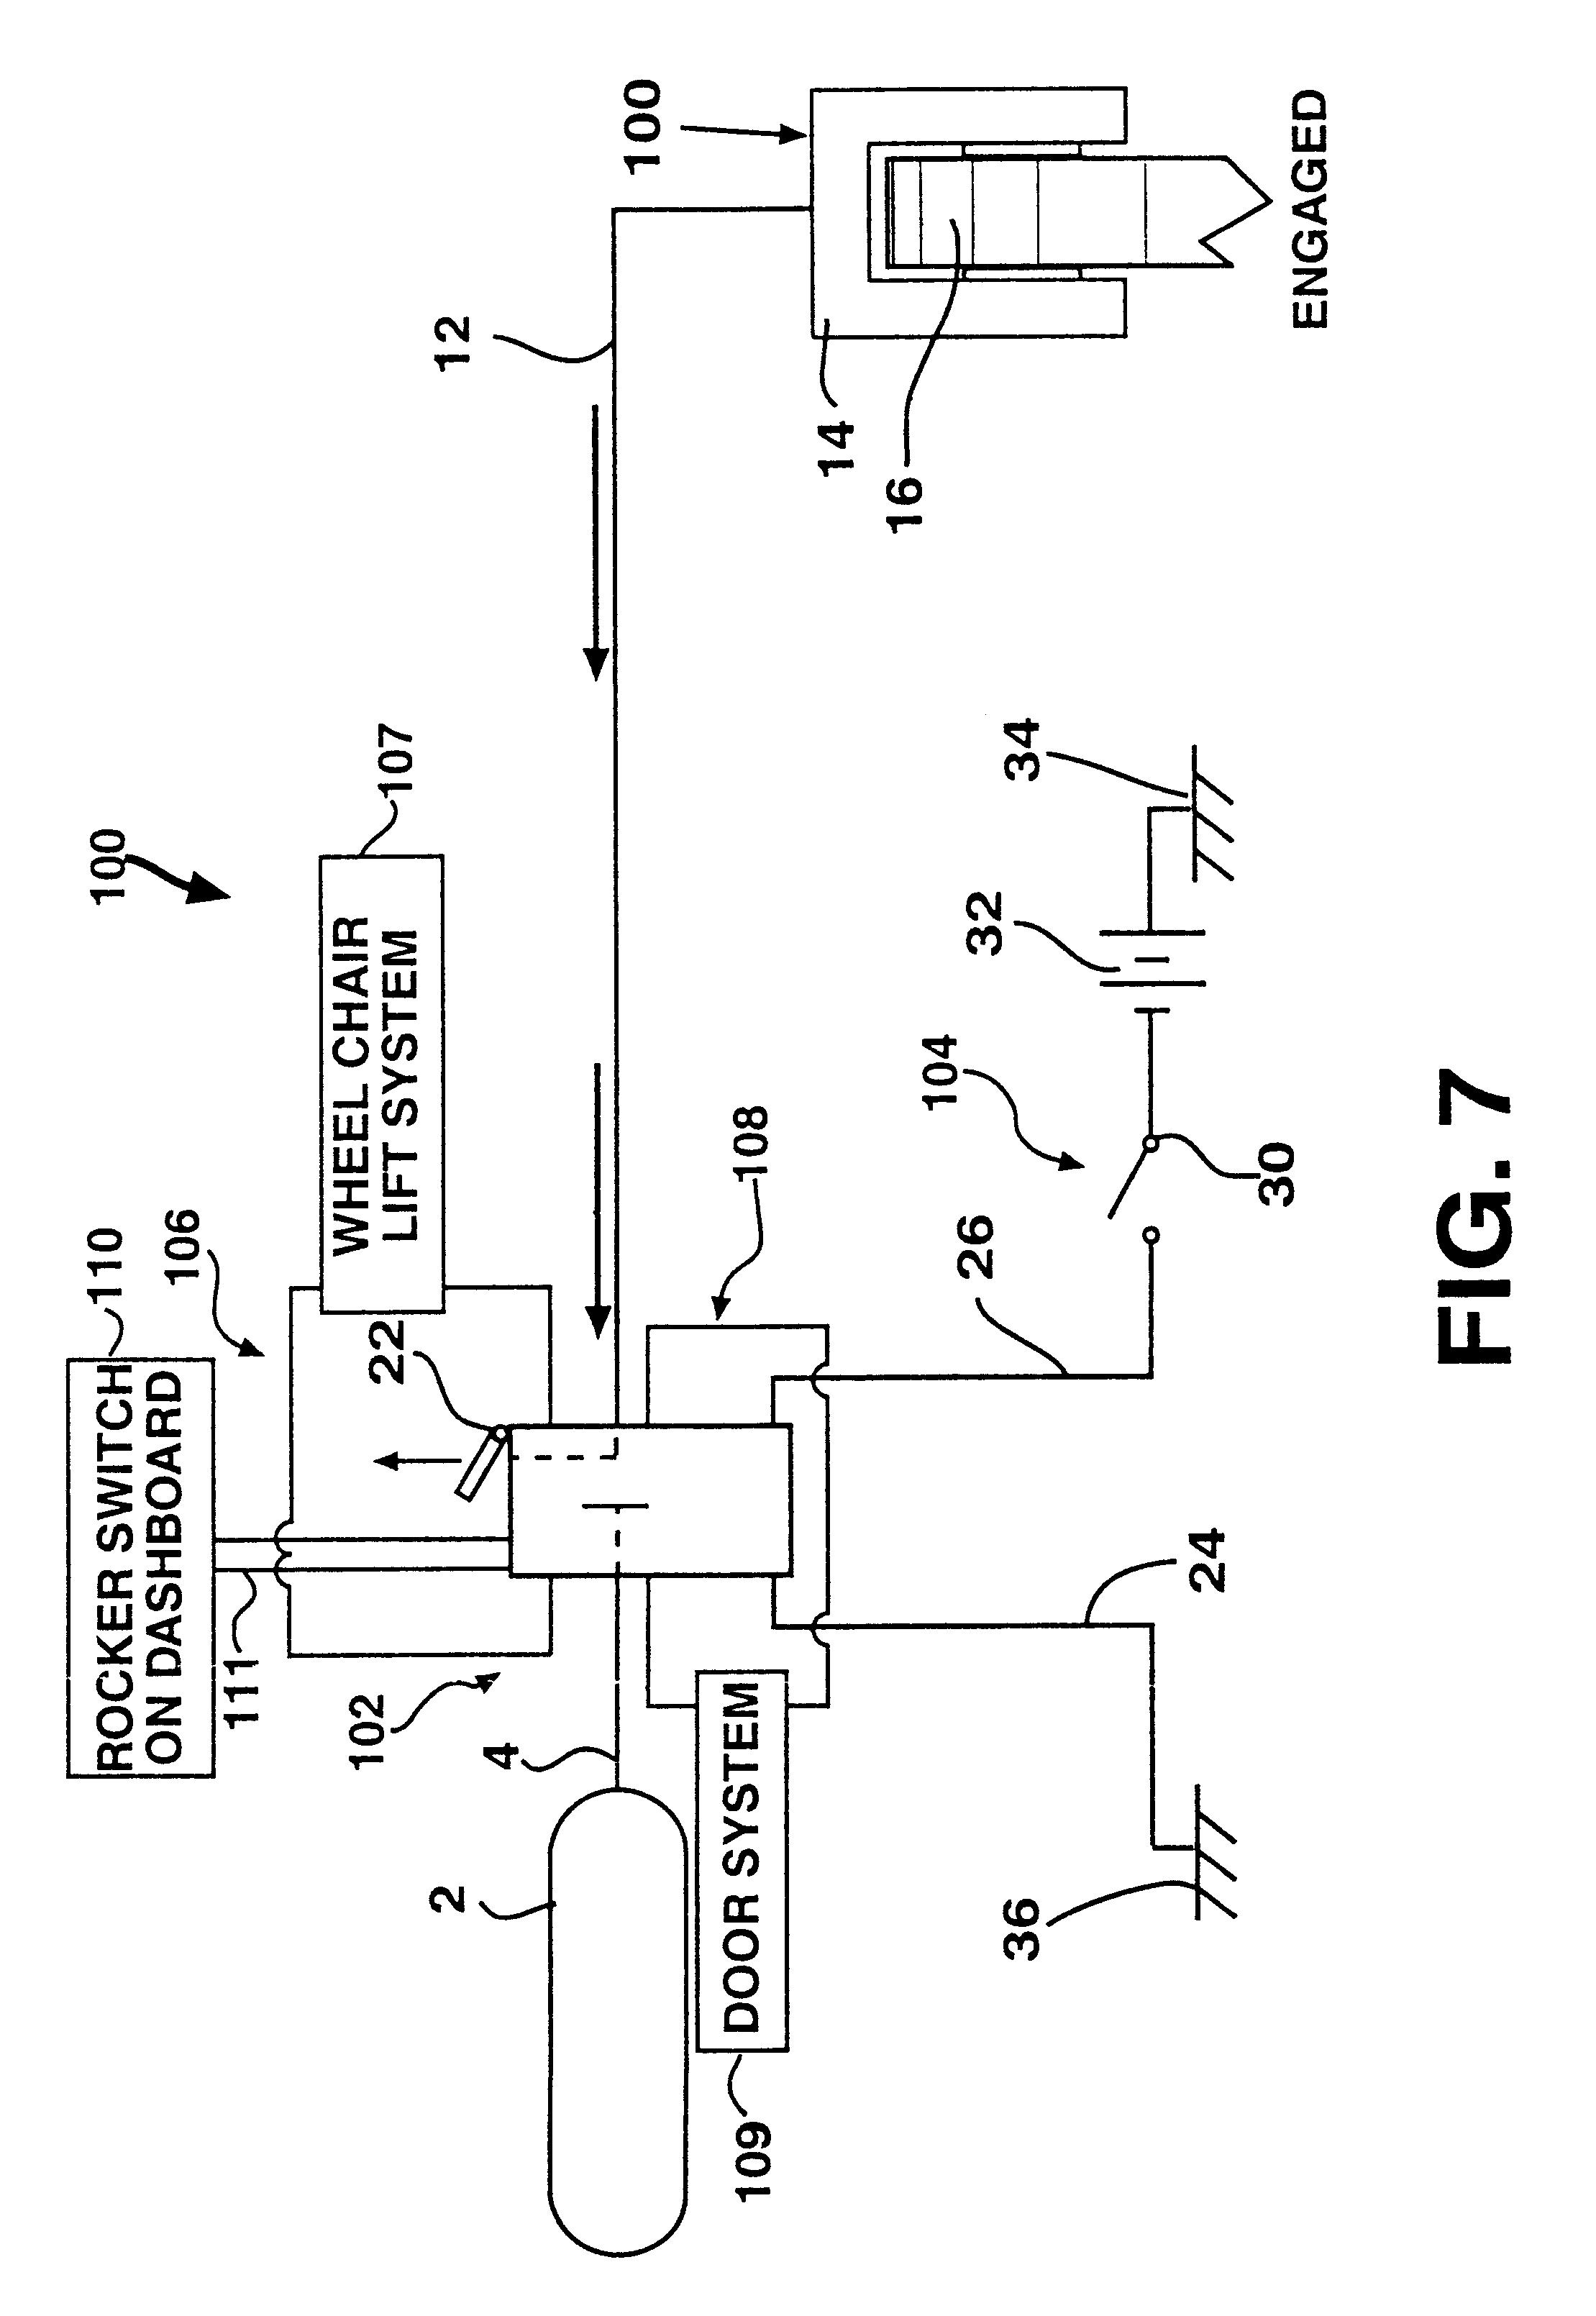 Haldex Abs Wiring Diagram 7 Way Trailer To Utility Circuit Schematic And Schematics